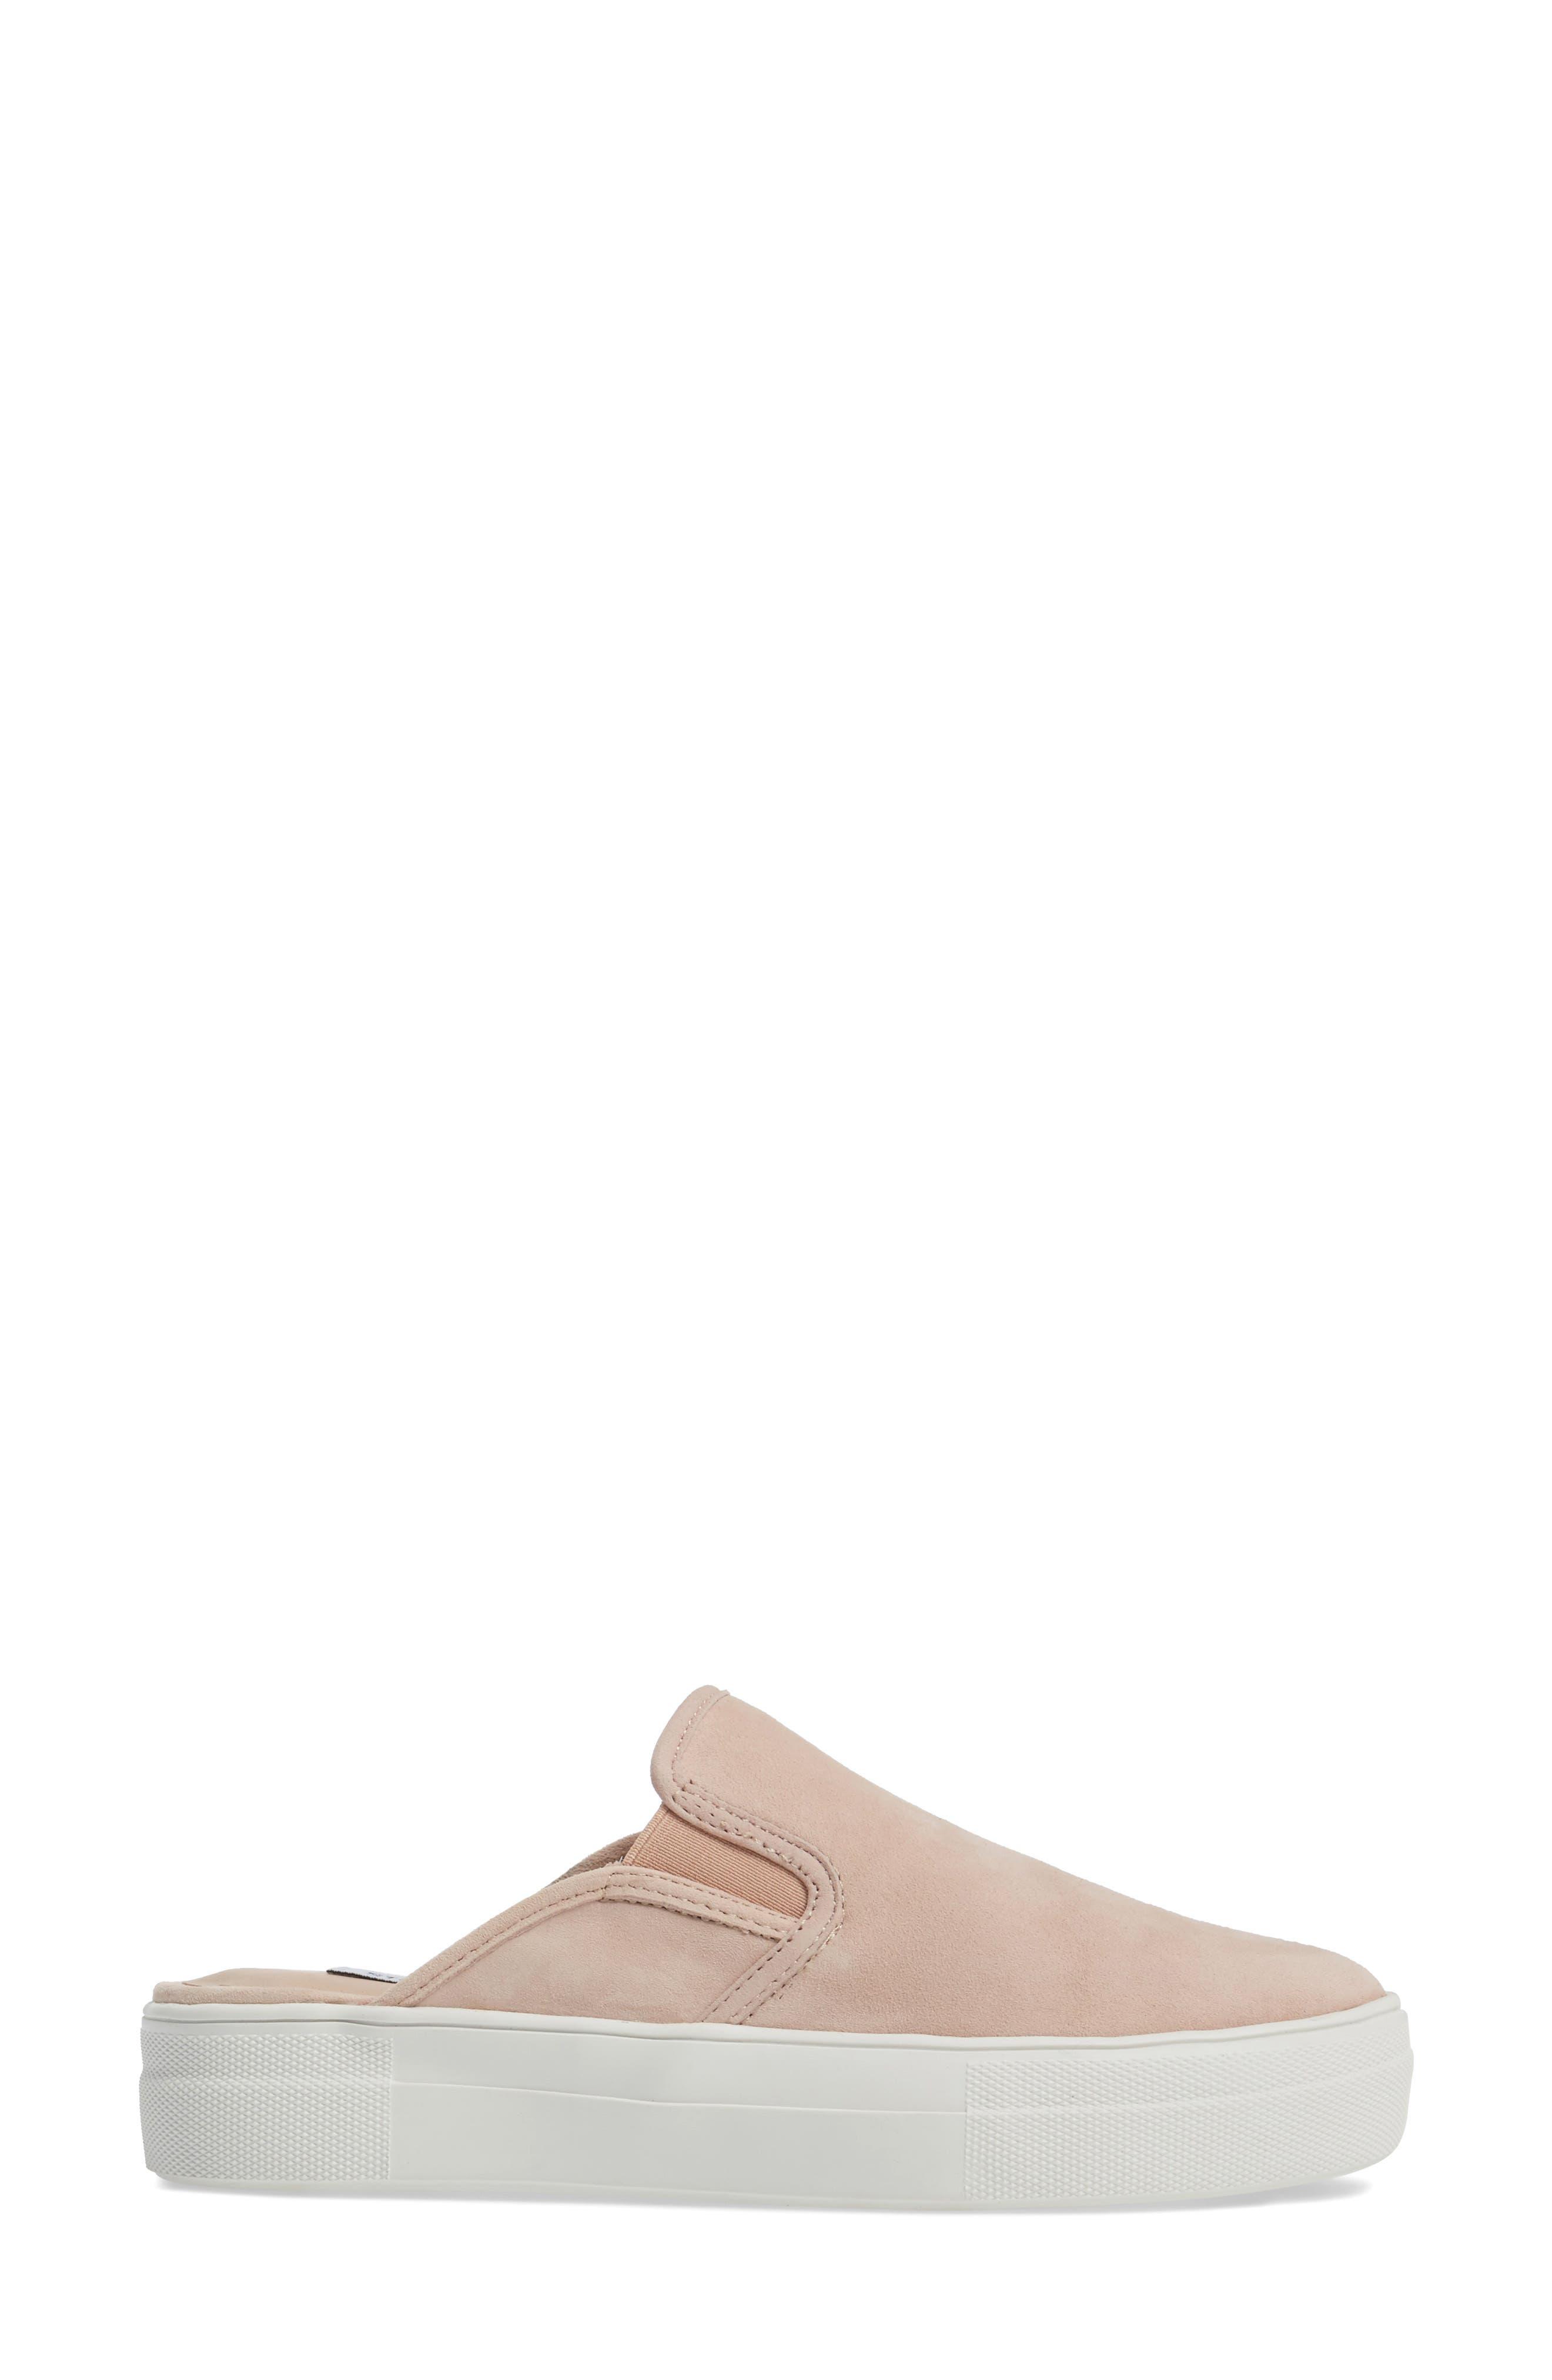 Glenda Sneaker Mule,                             Alternate thumbnail 3, color,                             Light Pink